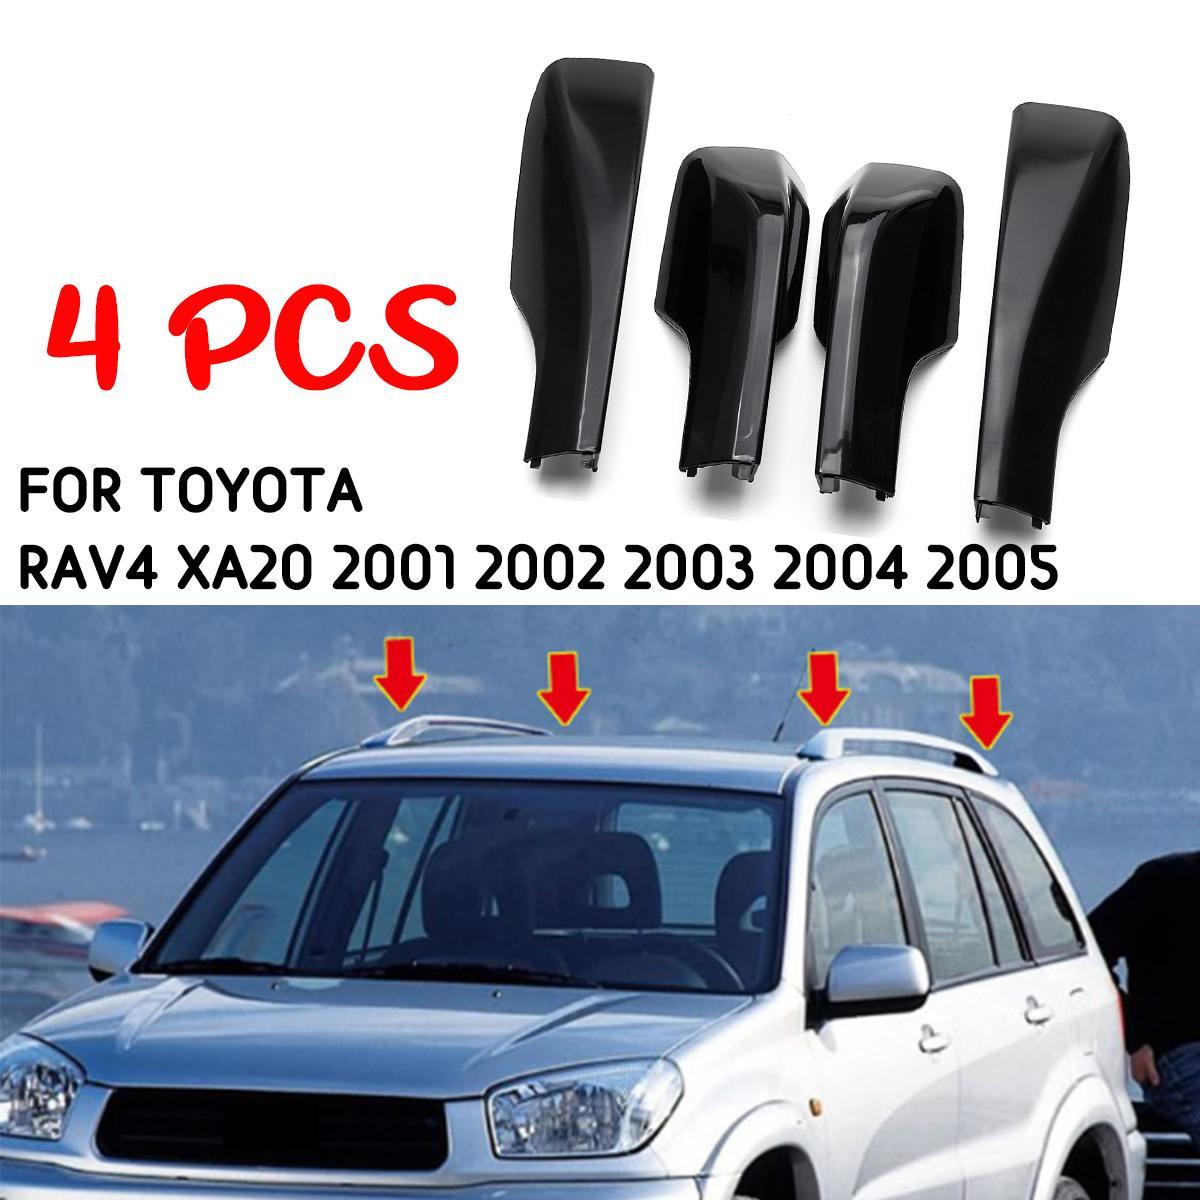 pecas de reposicao para toyota rav4 4 xa20 2001 2002 2003 2004 2005 estilo do carro